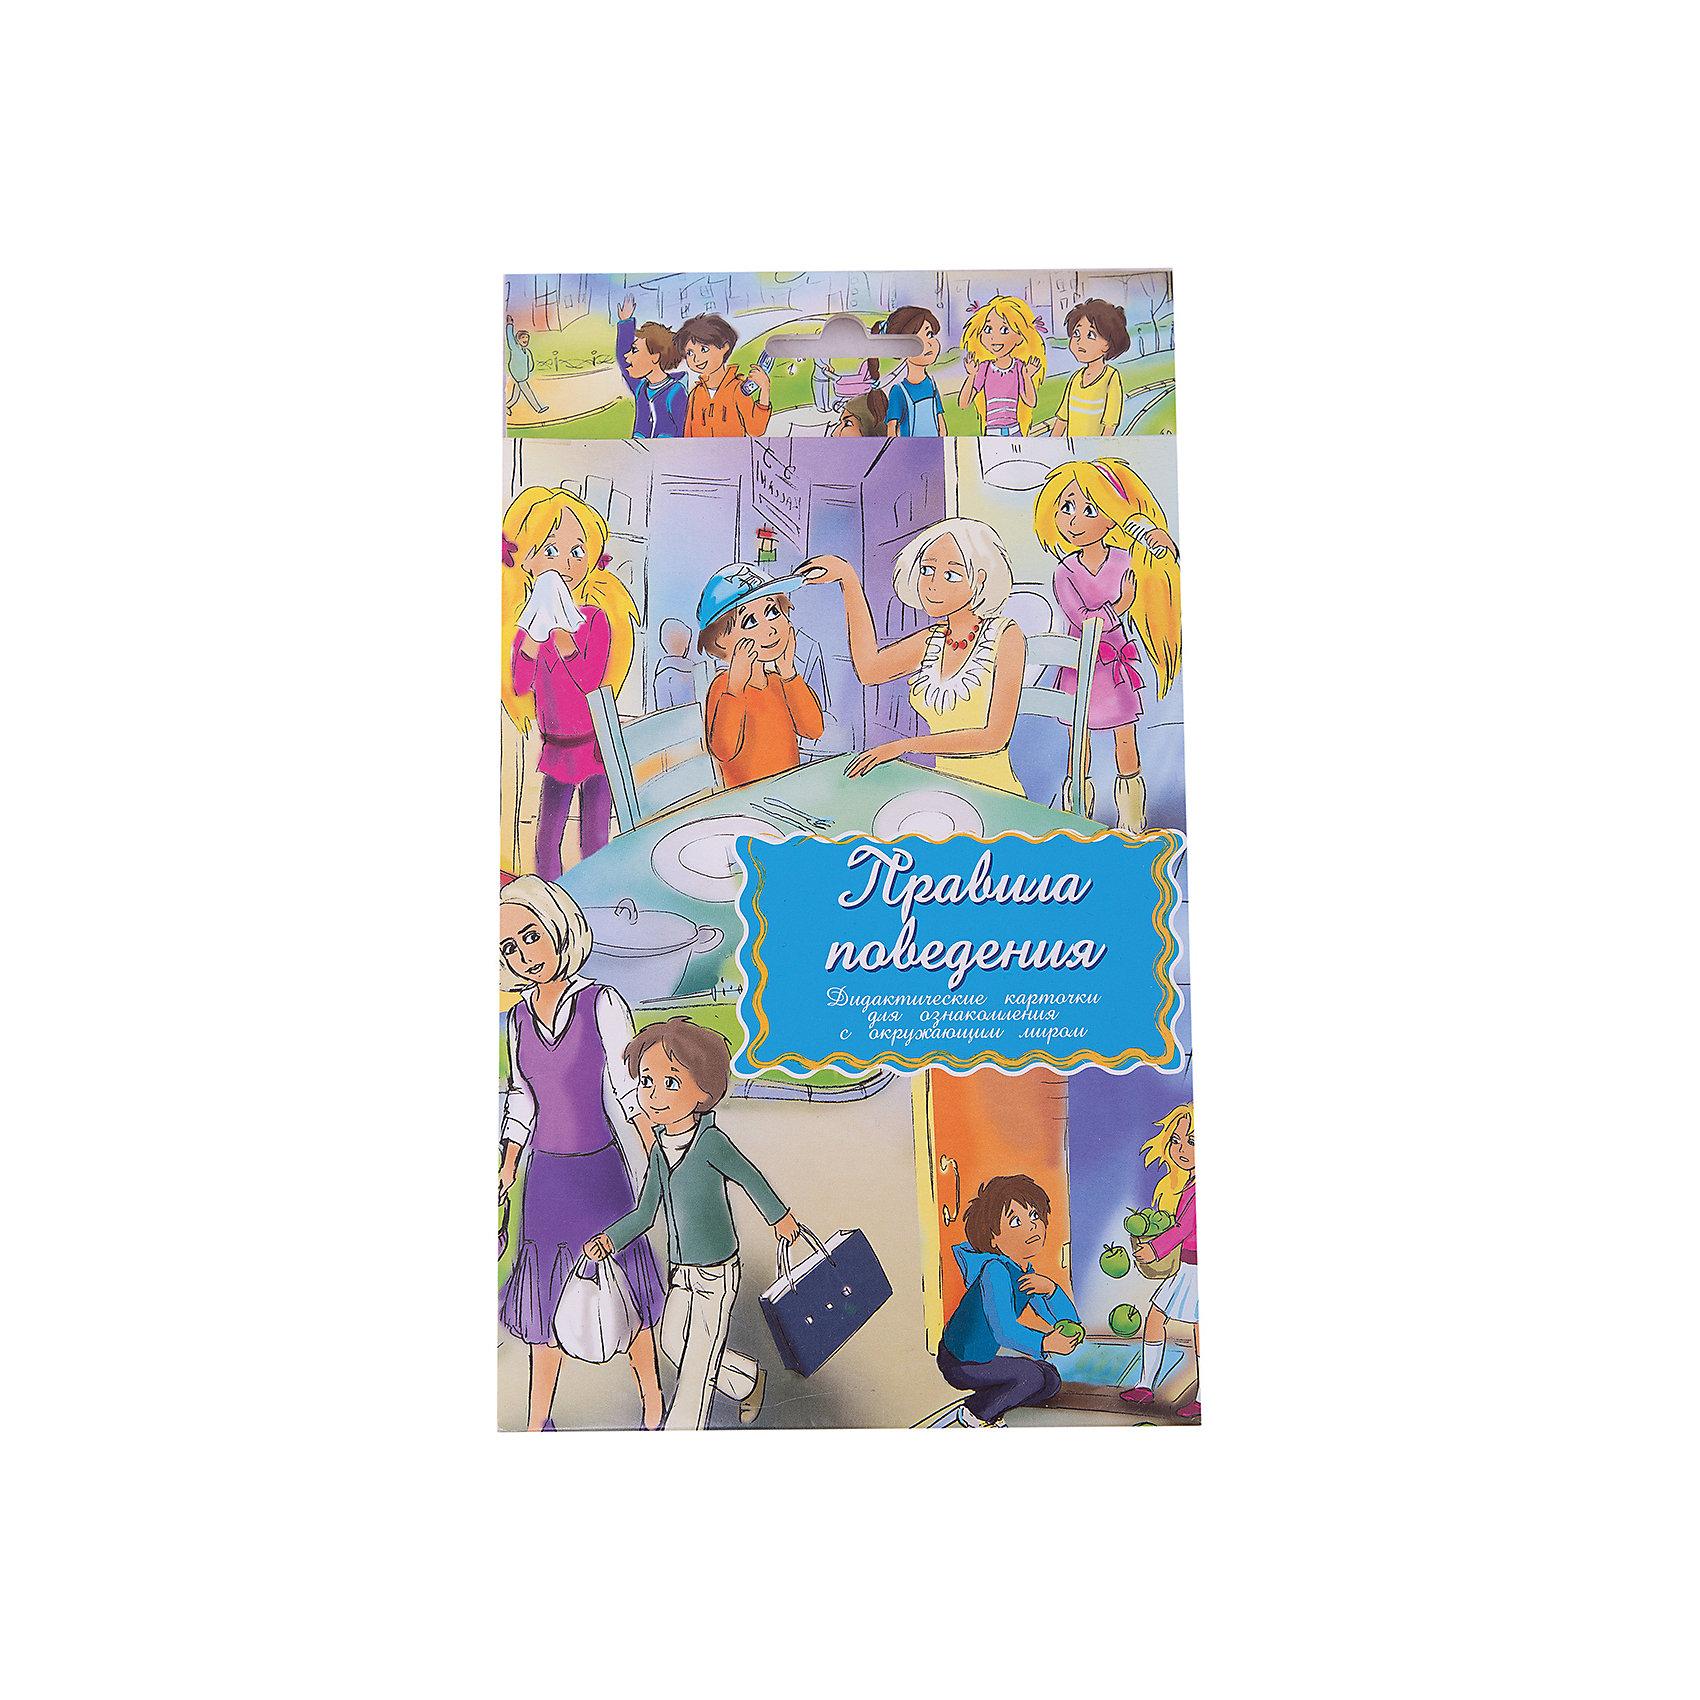 Дидактические карточки Правила поведенияОбучающие карточки<br>Тематические комплекты дидактических карточек помогут познакомить ребенка с окружающим миром, развить речевые умения, научить сравнивать, классифицировать, обобщать. Карточки рекомендуются родителям для познавательных игр с детьми и занятий  по методике Г.Домана.  Могут использоваться в индивидуальной и групповой работе логопедами, психологами, воспитателями детских садов, учителями начальных классов.  В каждом комплекте 16 карточек, каждая из которых содержит интересную познавательную информацию об изображенном на ней предмете.<br><br>Ширина мм: 150<br>Глубина мм: 90<br>Высота мм: 90<br>Вес г: 200<br>Возраст от месяцев: 36<br>Возраст до месяцев: 2147483647<br>Пол: Унисекс<br>Возраст: Детский<br>SKU: 4802976